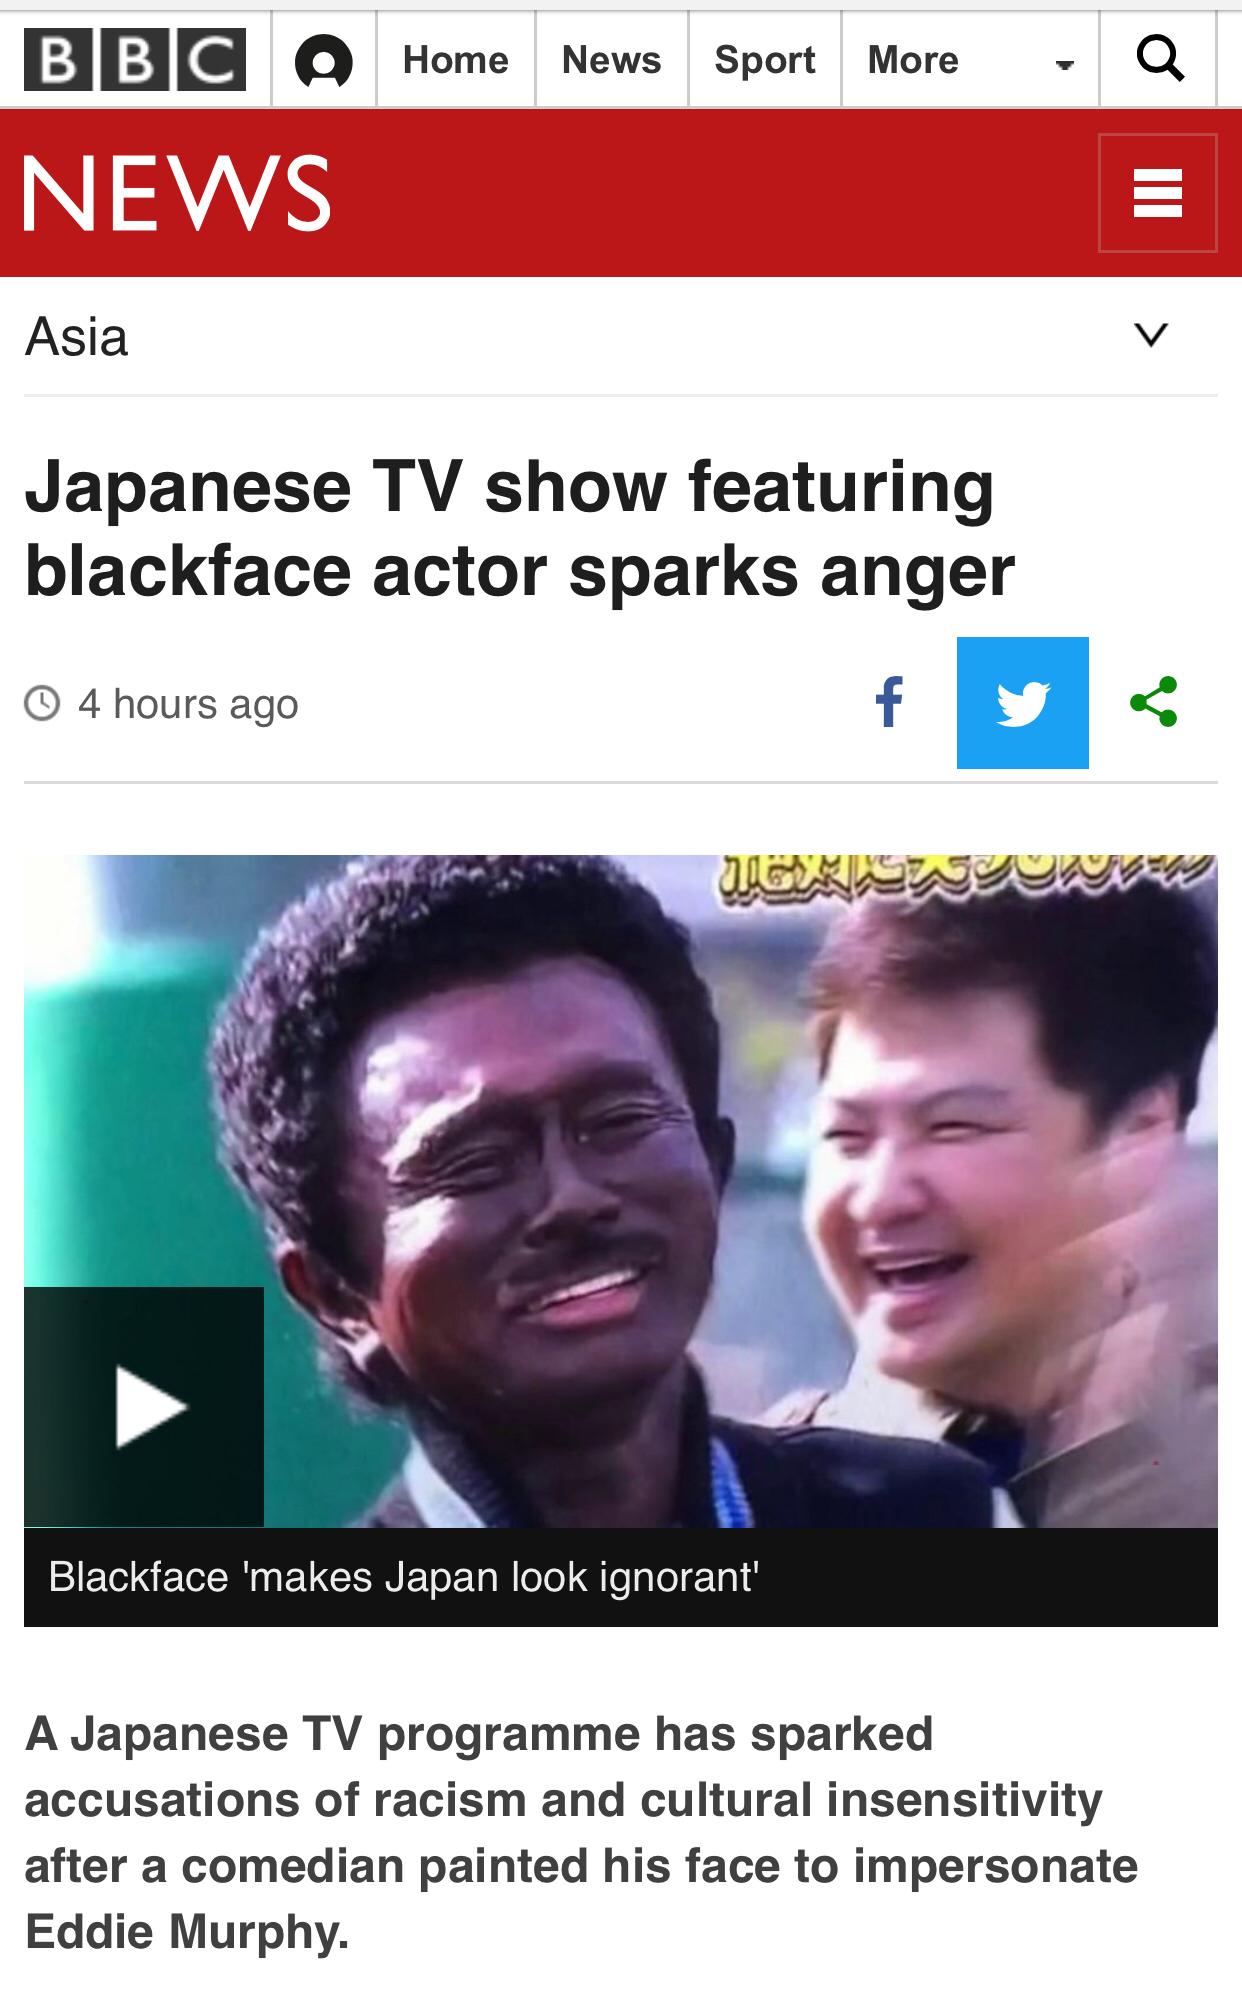 【悲報】浜田の黒人フェイス問題、英BBCに取り上げられ全世界に拡散される のサムネイル画像